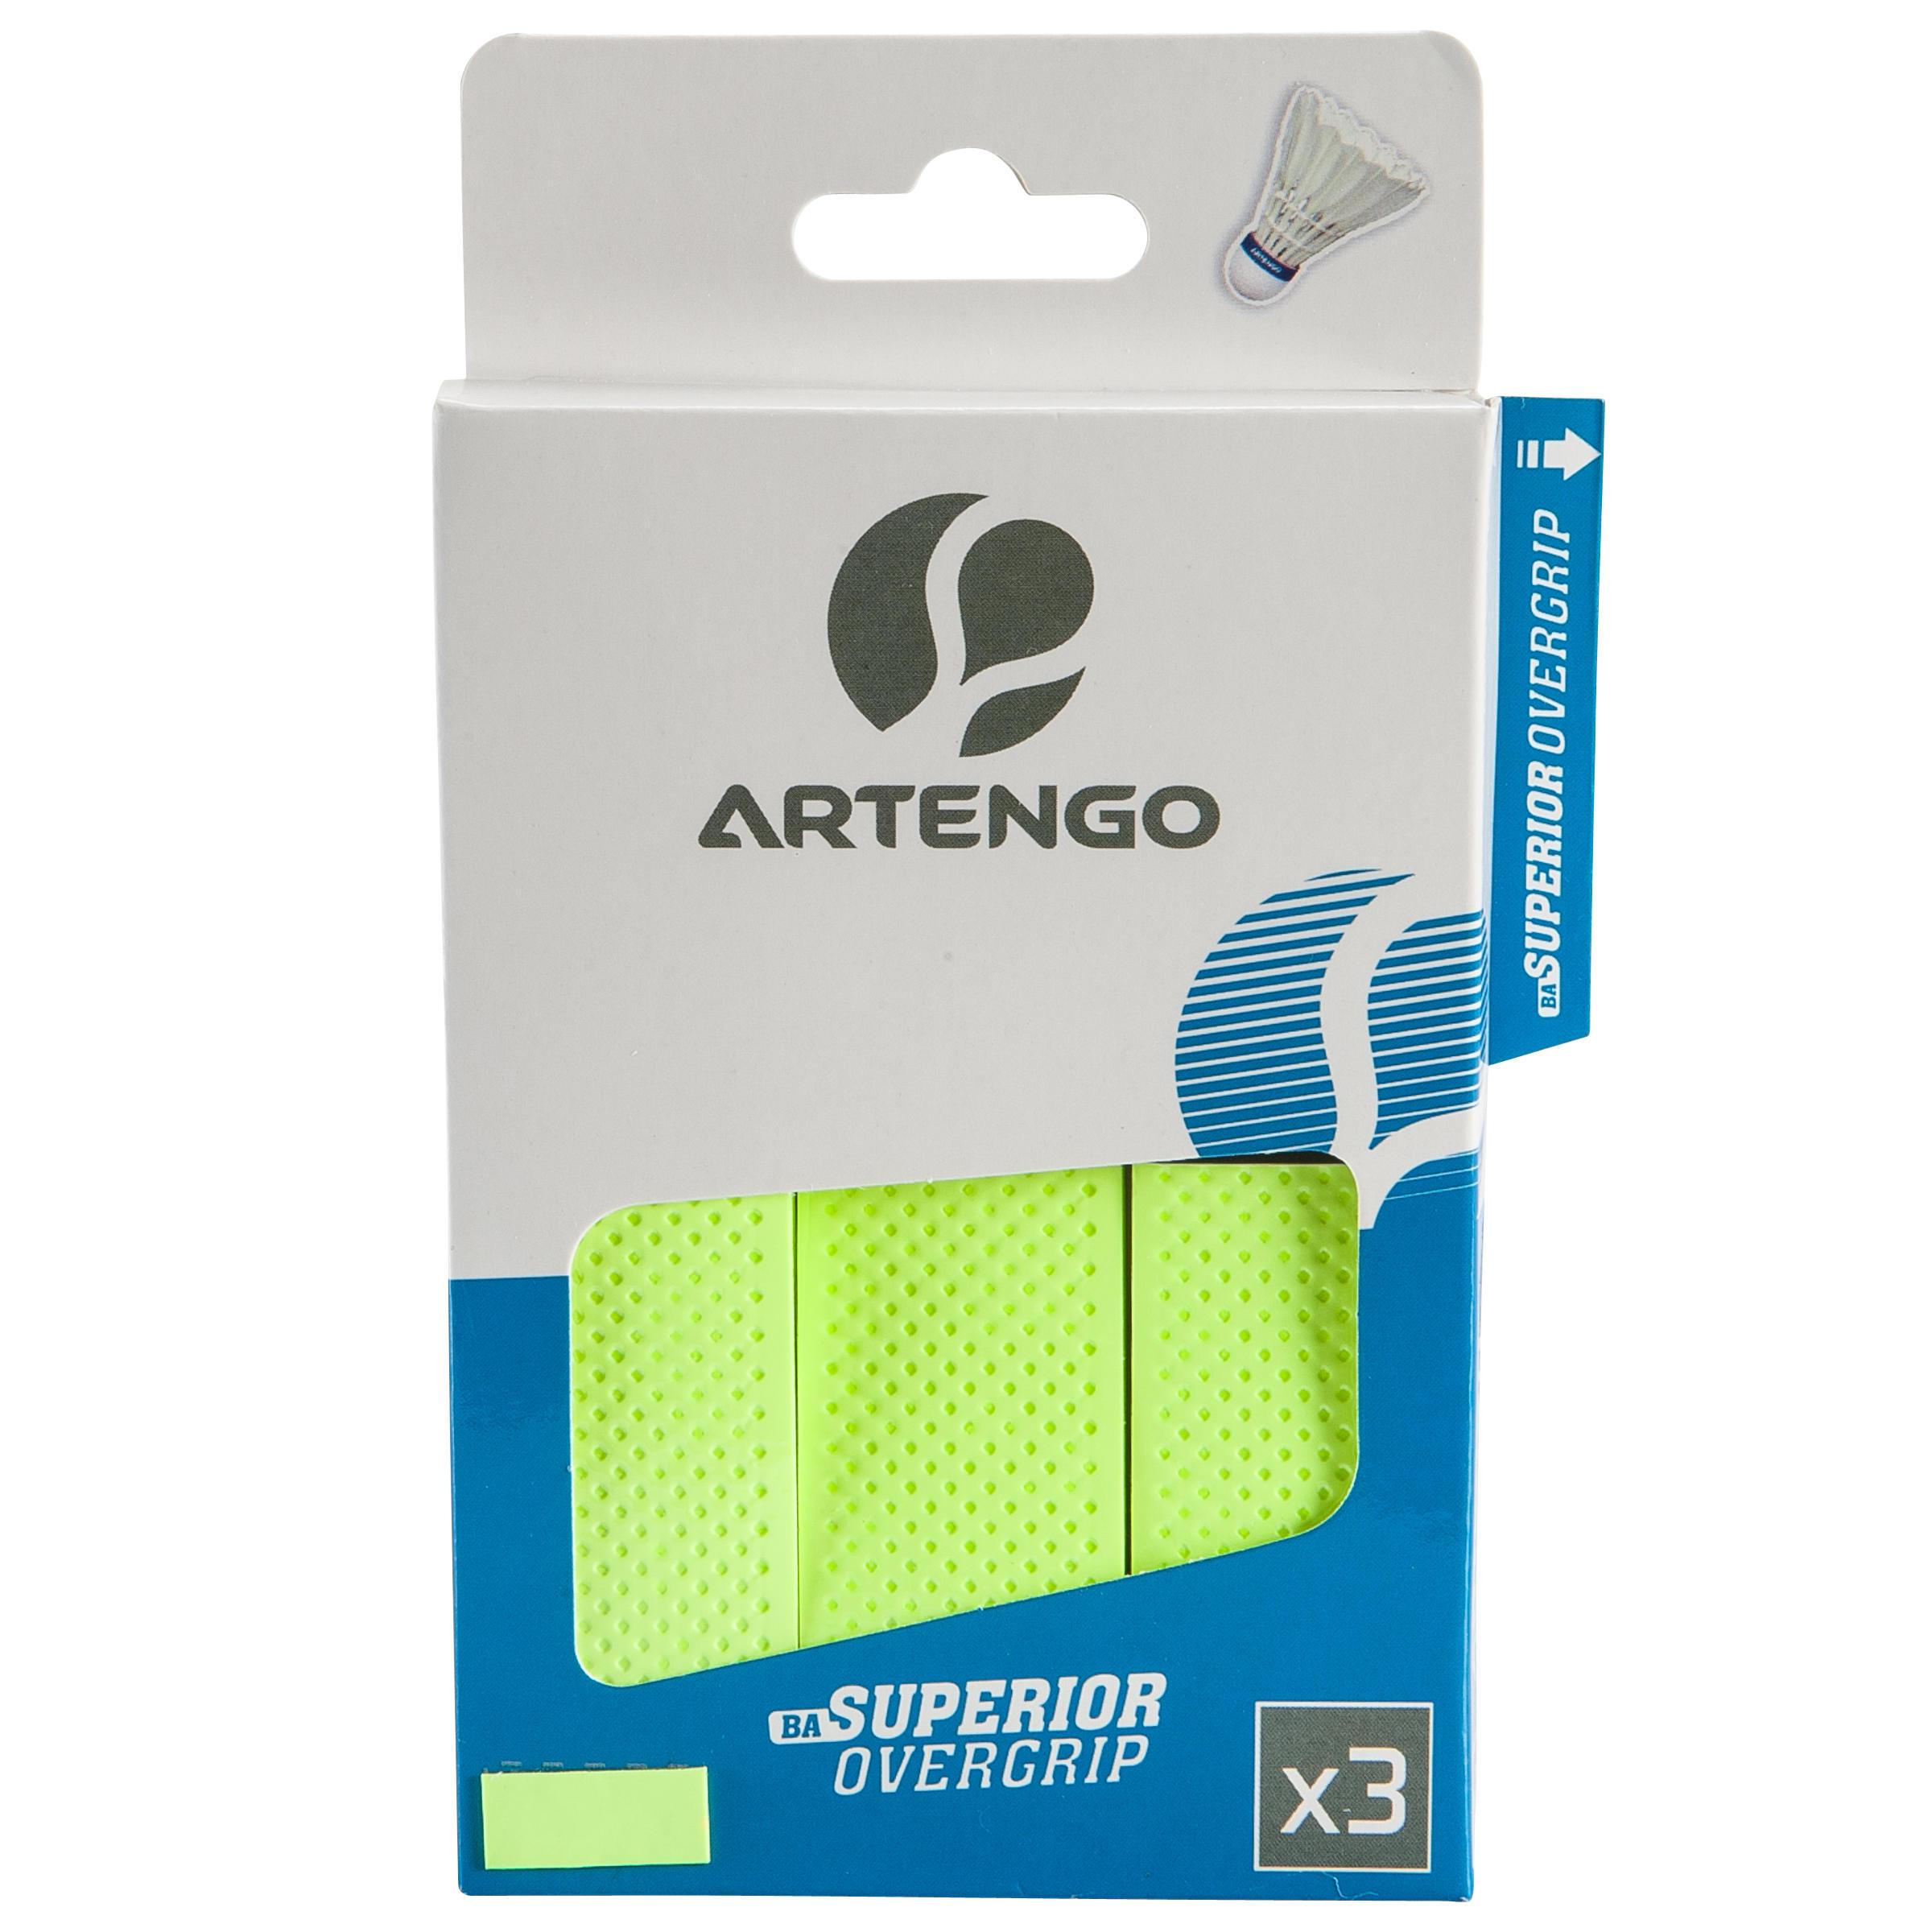 Artengo Overgrip badminton Superior Overgrip 3 stuks